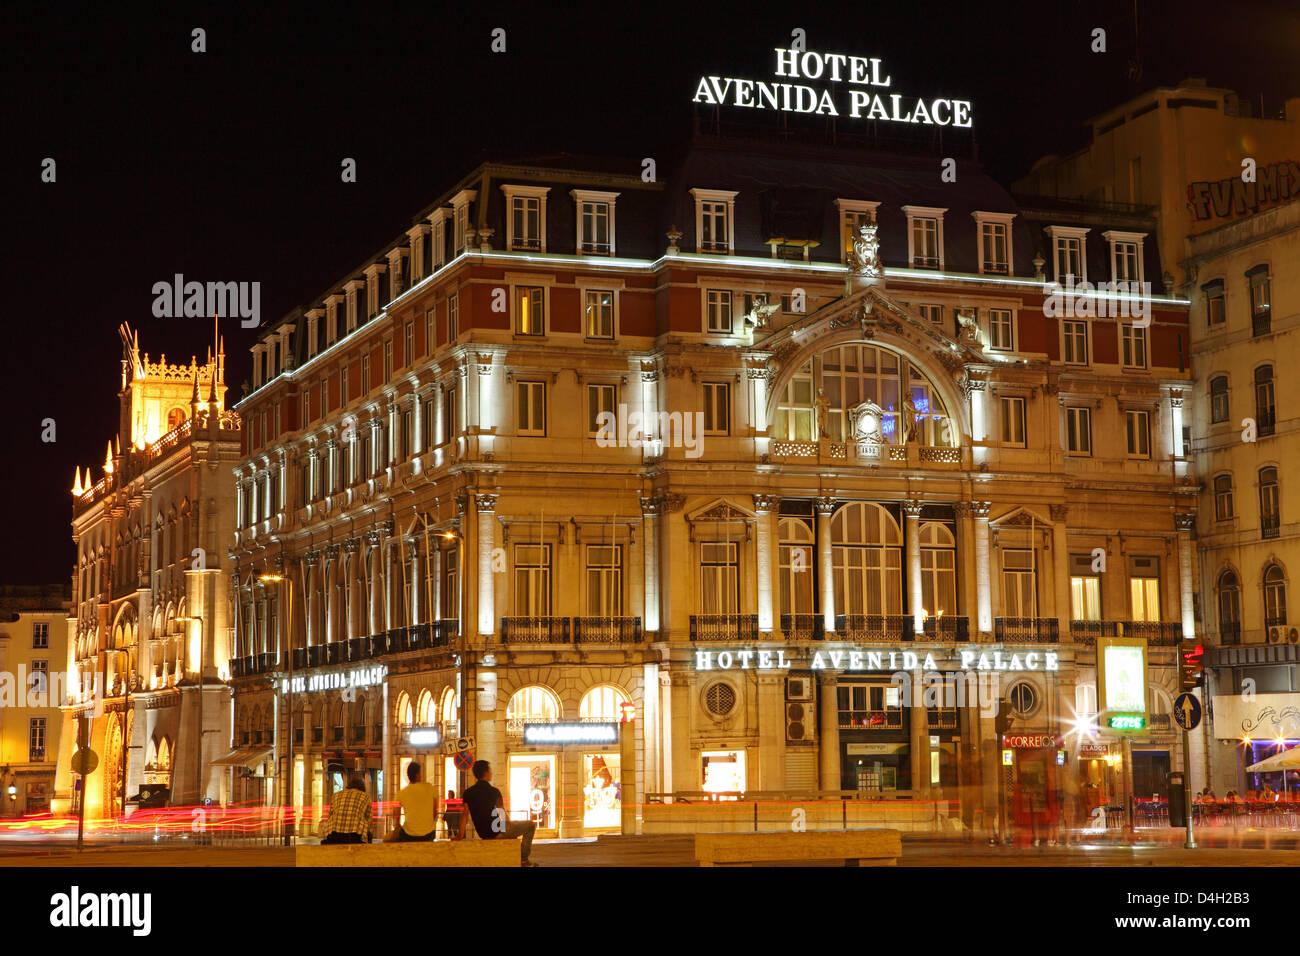 The Hotel Avenida Palace, at night, on the Avenida de Liberdade, at Restauradores Square, Baixa, Lisbon, Portugal - Stock Image